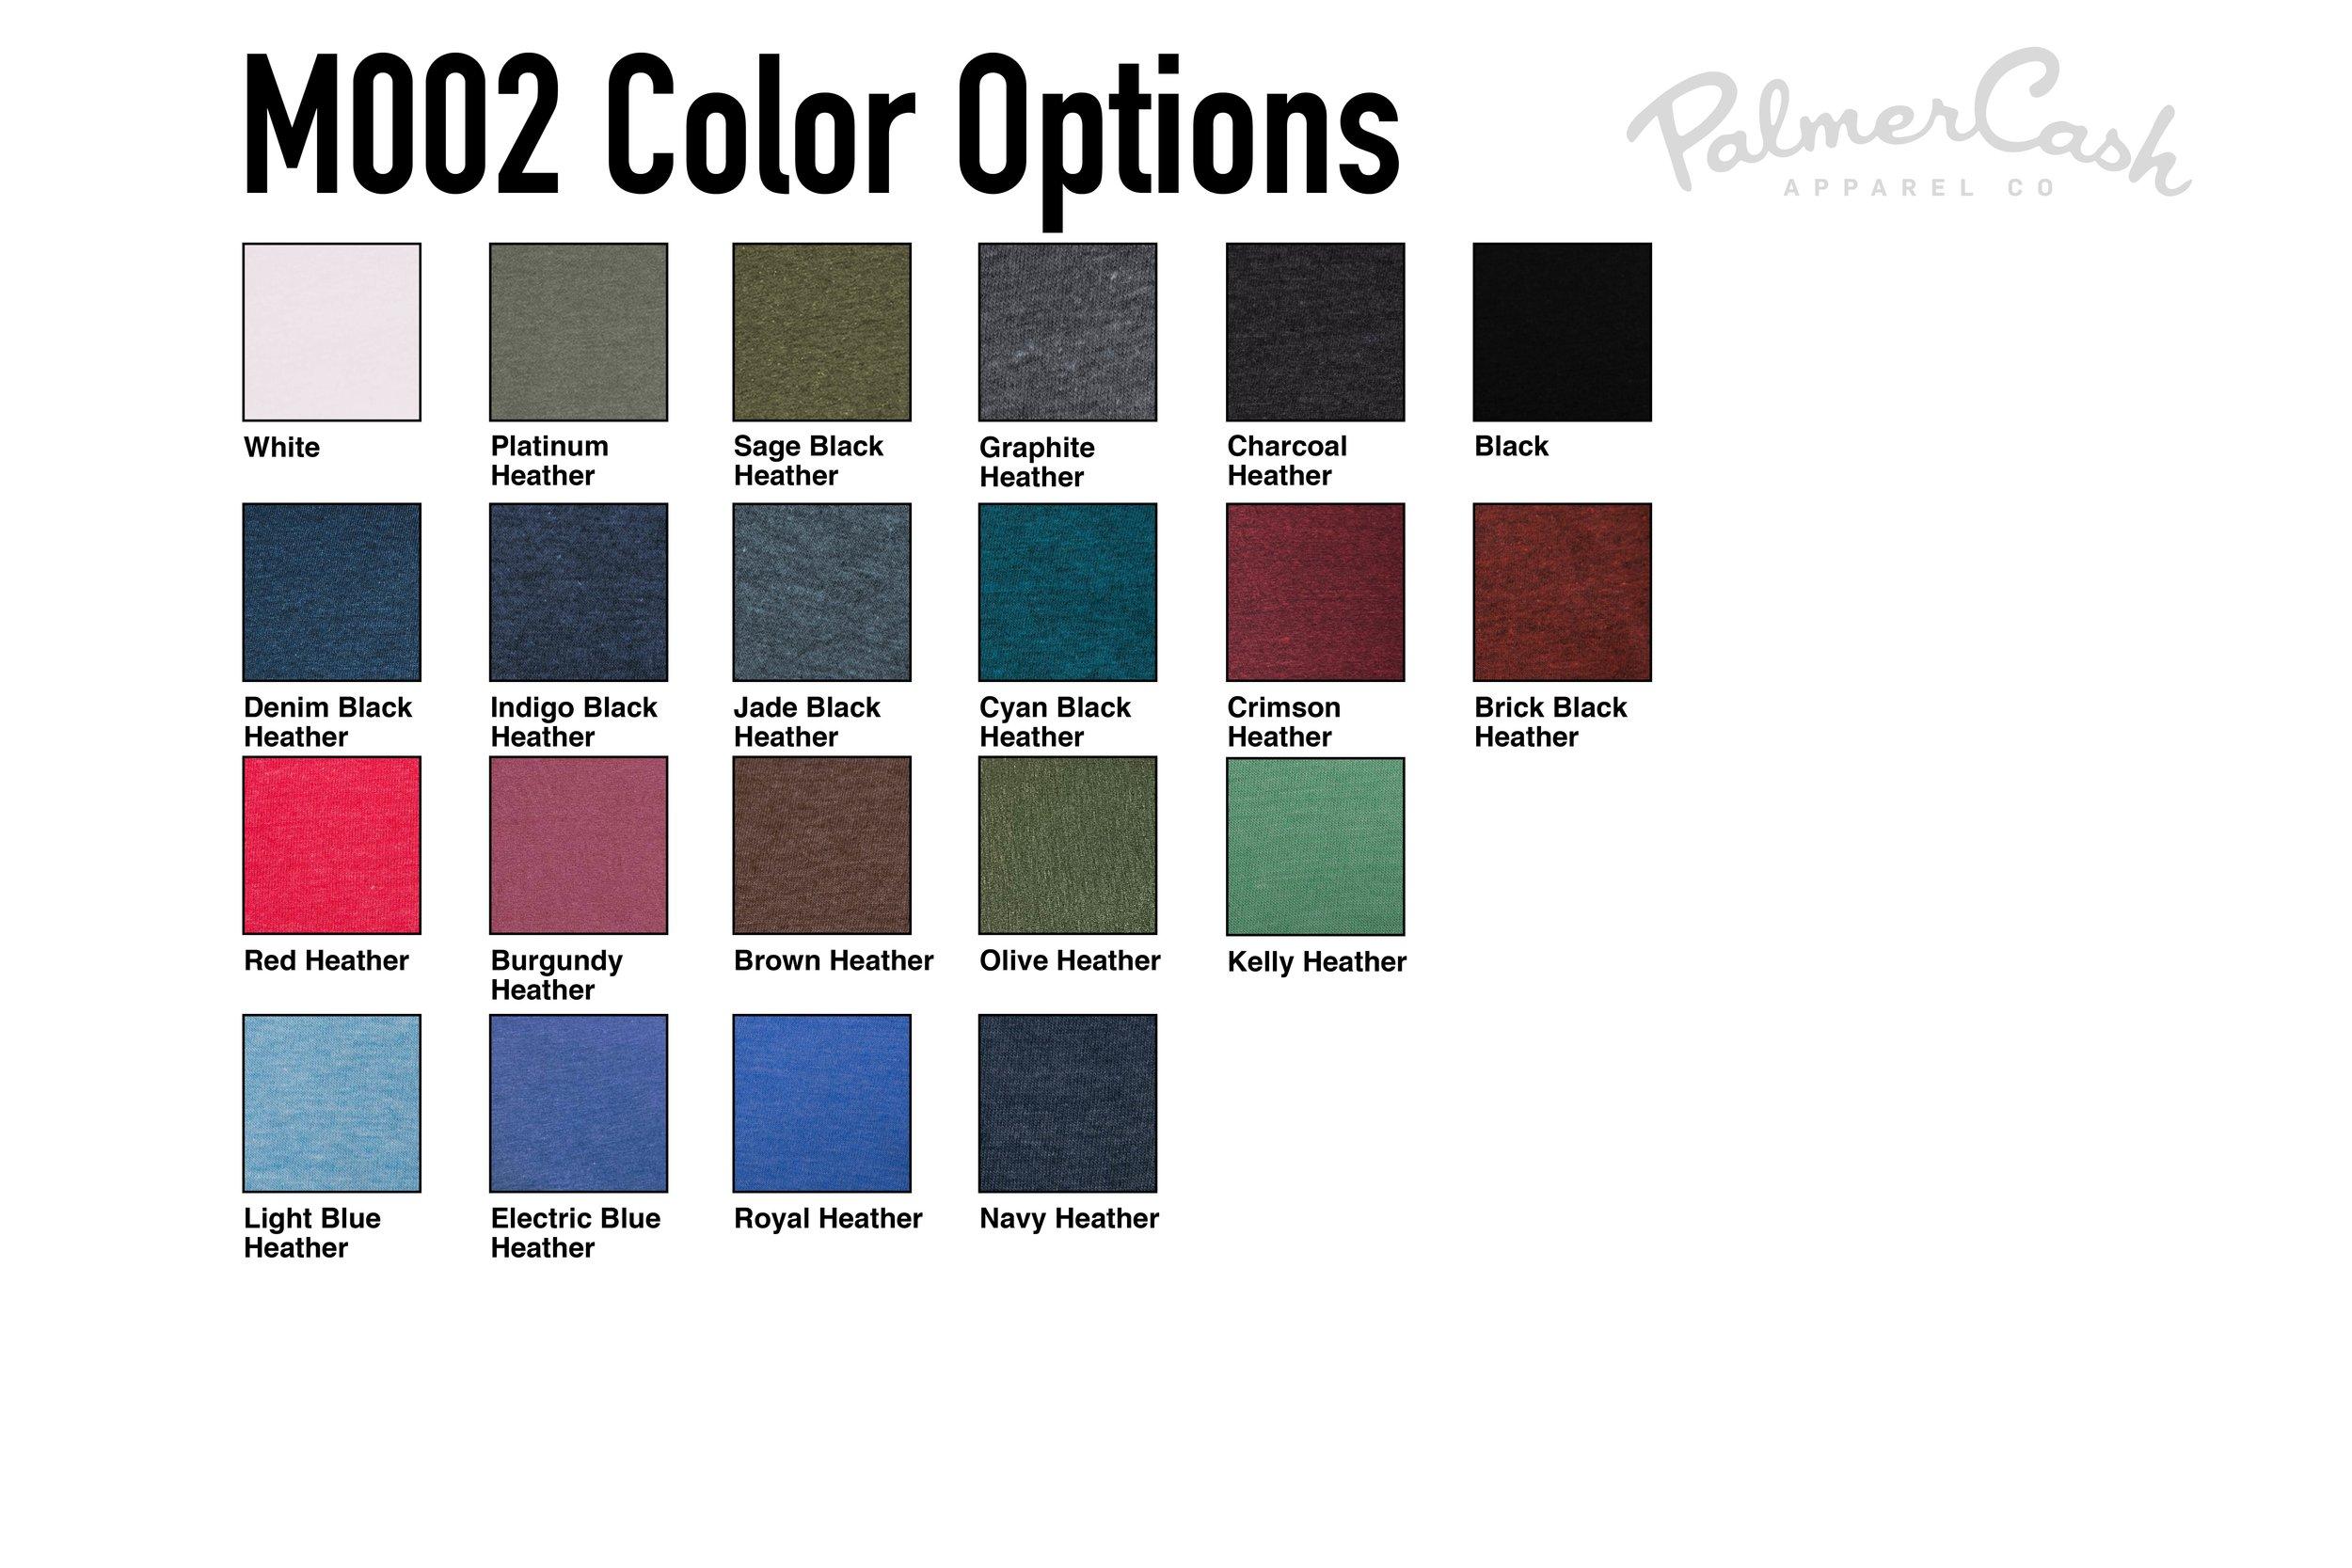 PC_M002_Color_Options-01-2.jpg